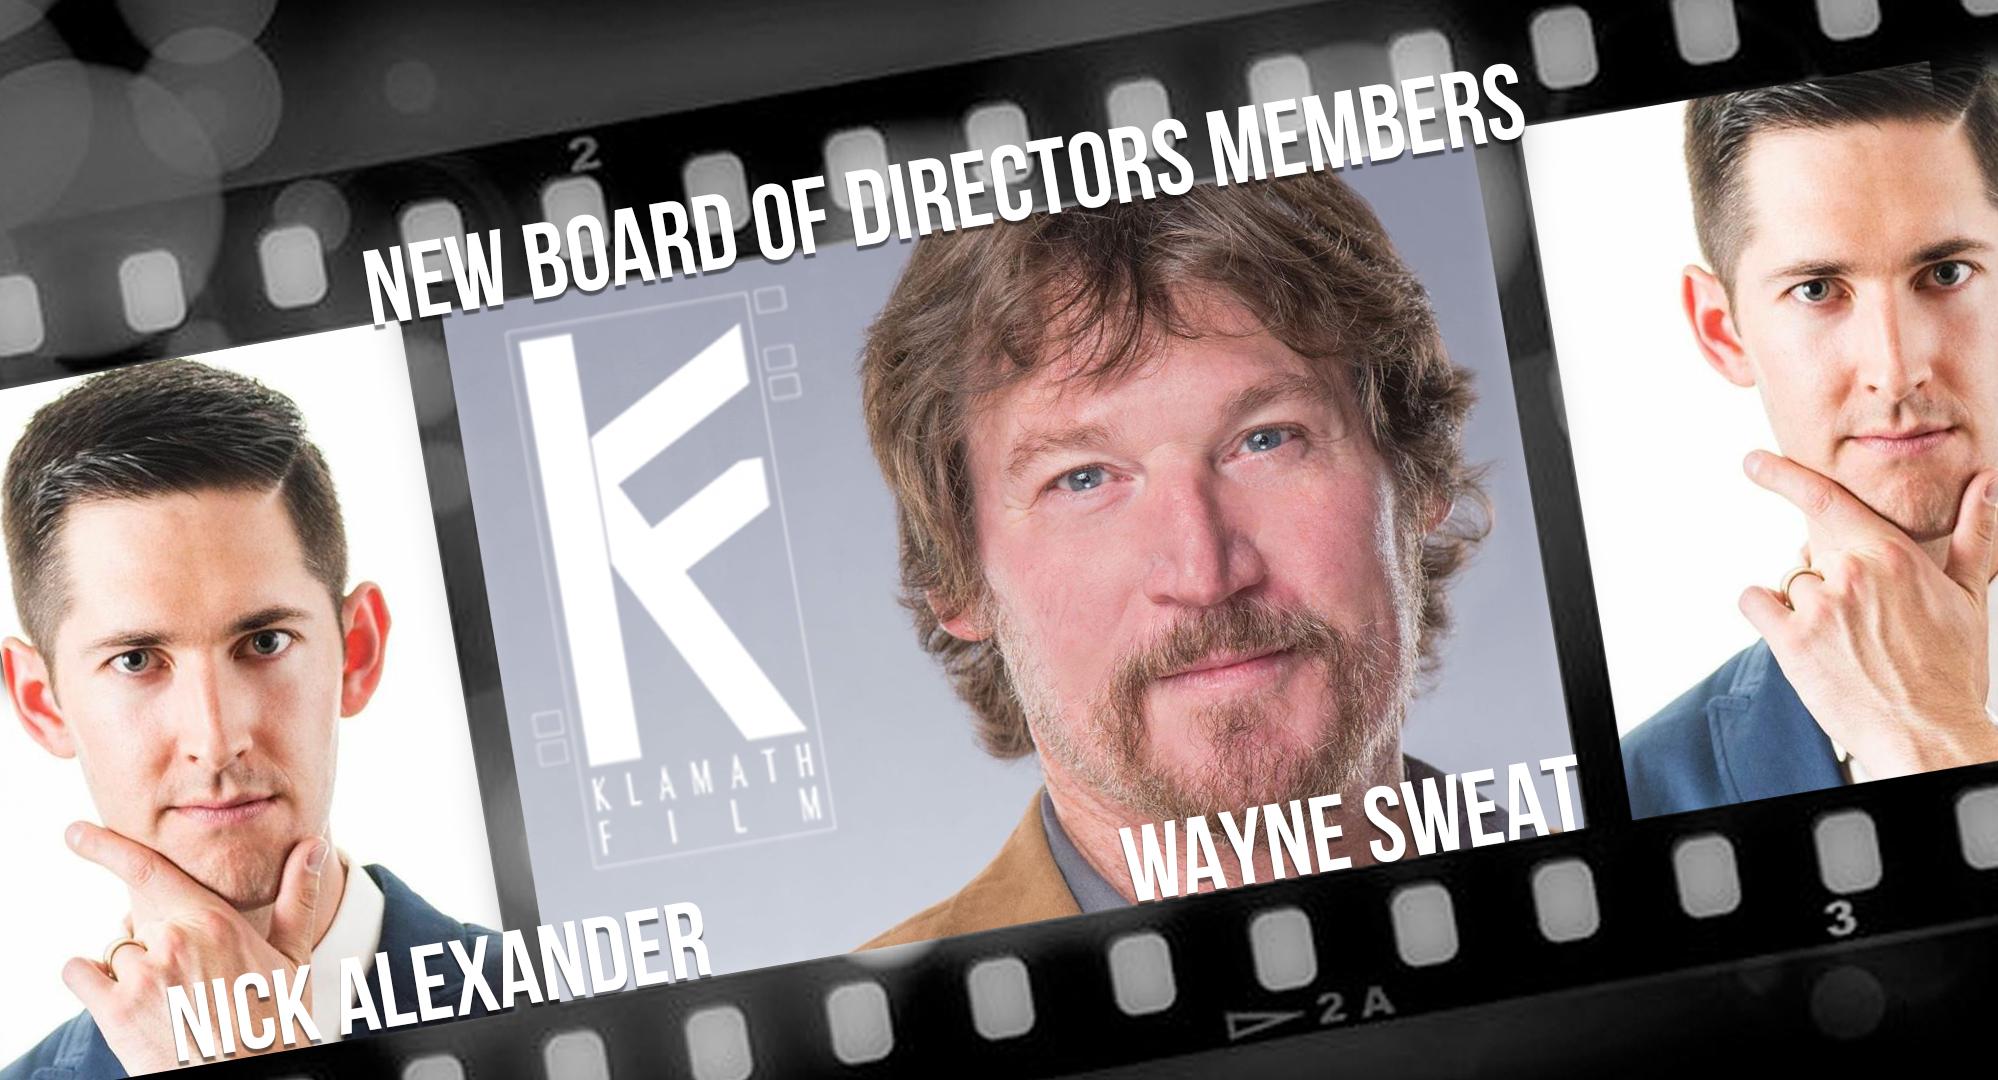 Klamath Film announce new board members